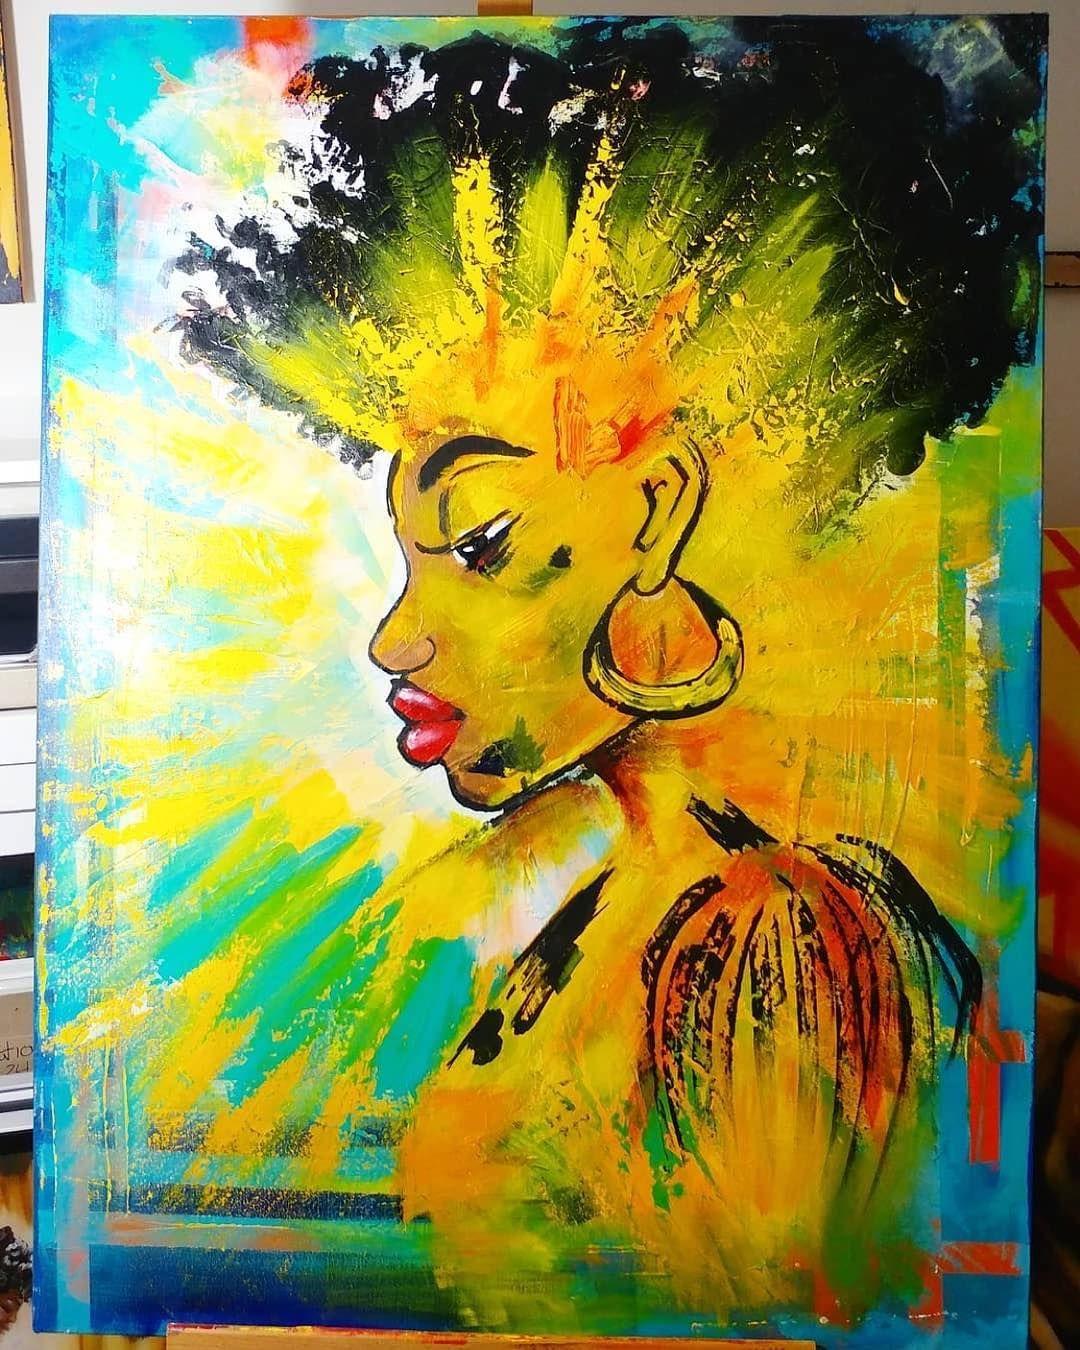 """393 Likes, 7 Comments - BLACK ART 365 (@blackart365) on Instagram: """"FEEL THE ENERGY art of Kofi Frempong @kofis_art —— #kofis_art #blackart365"""""""